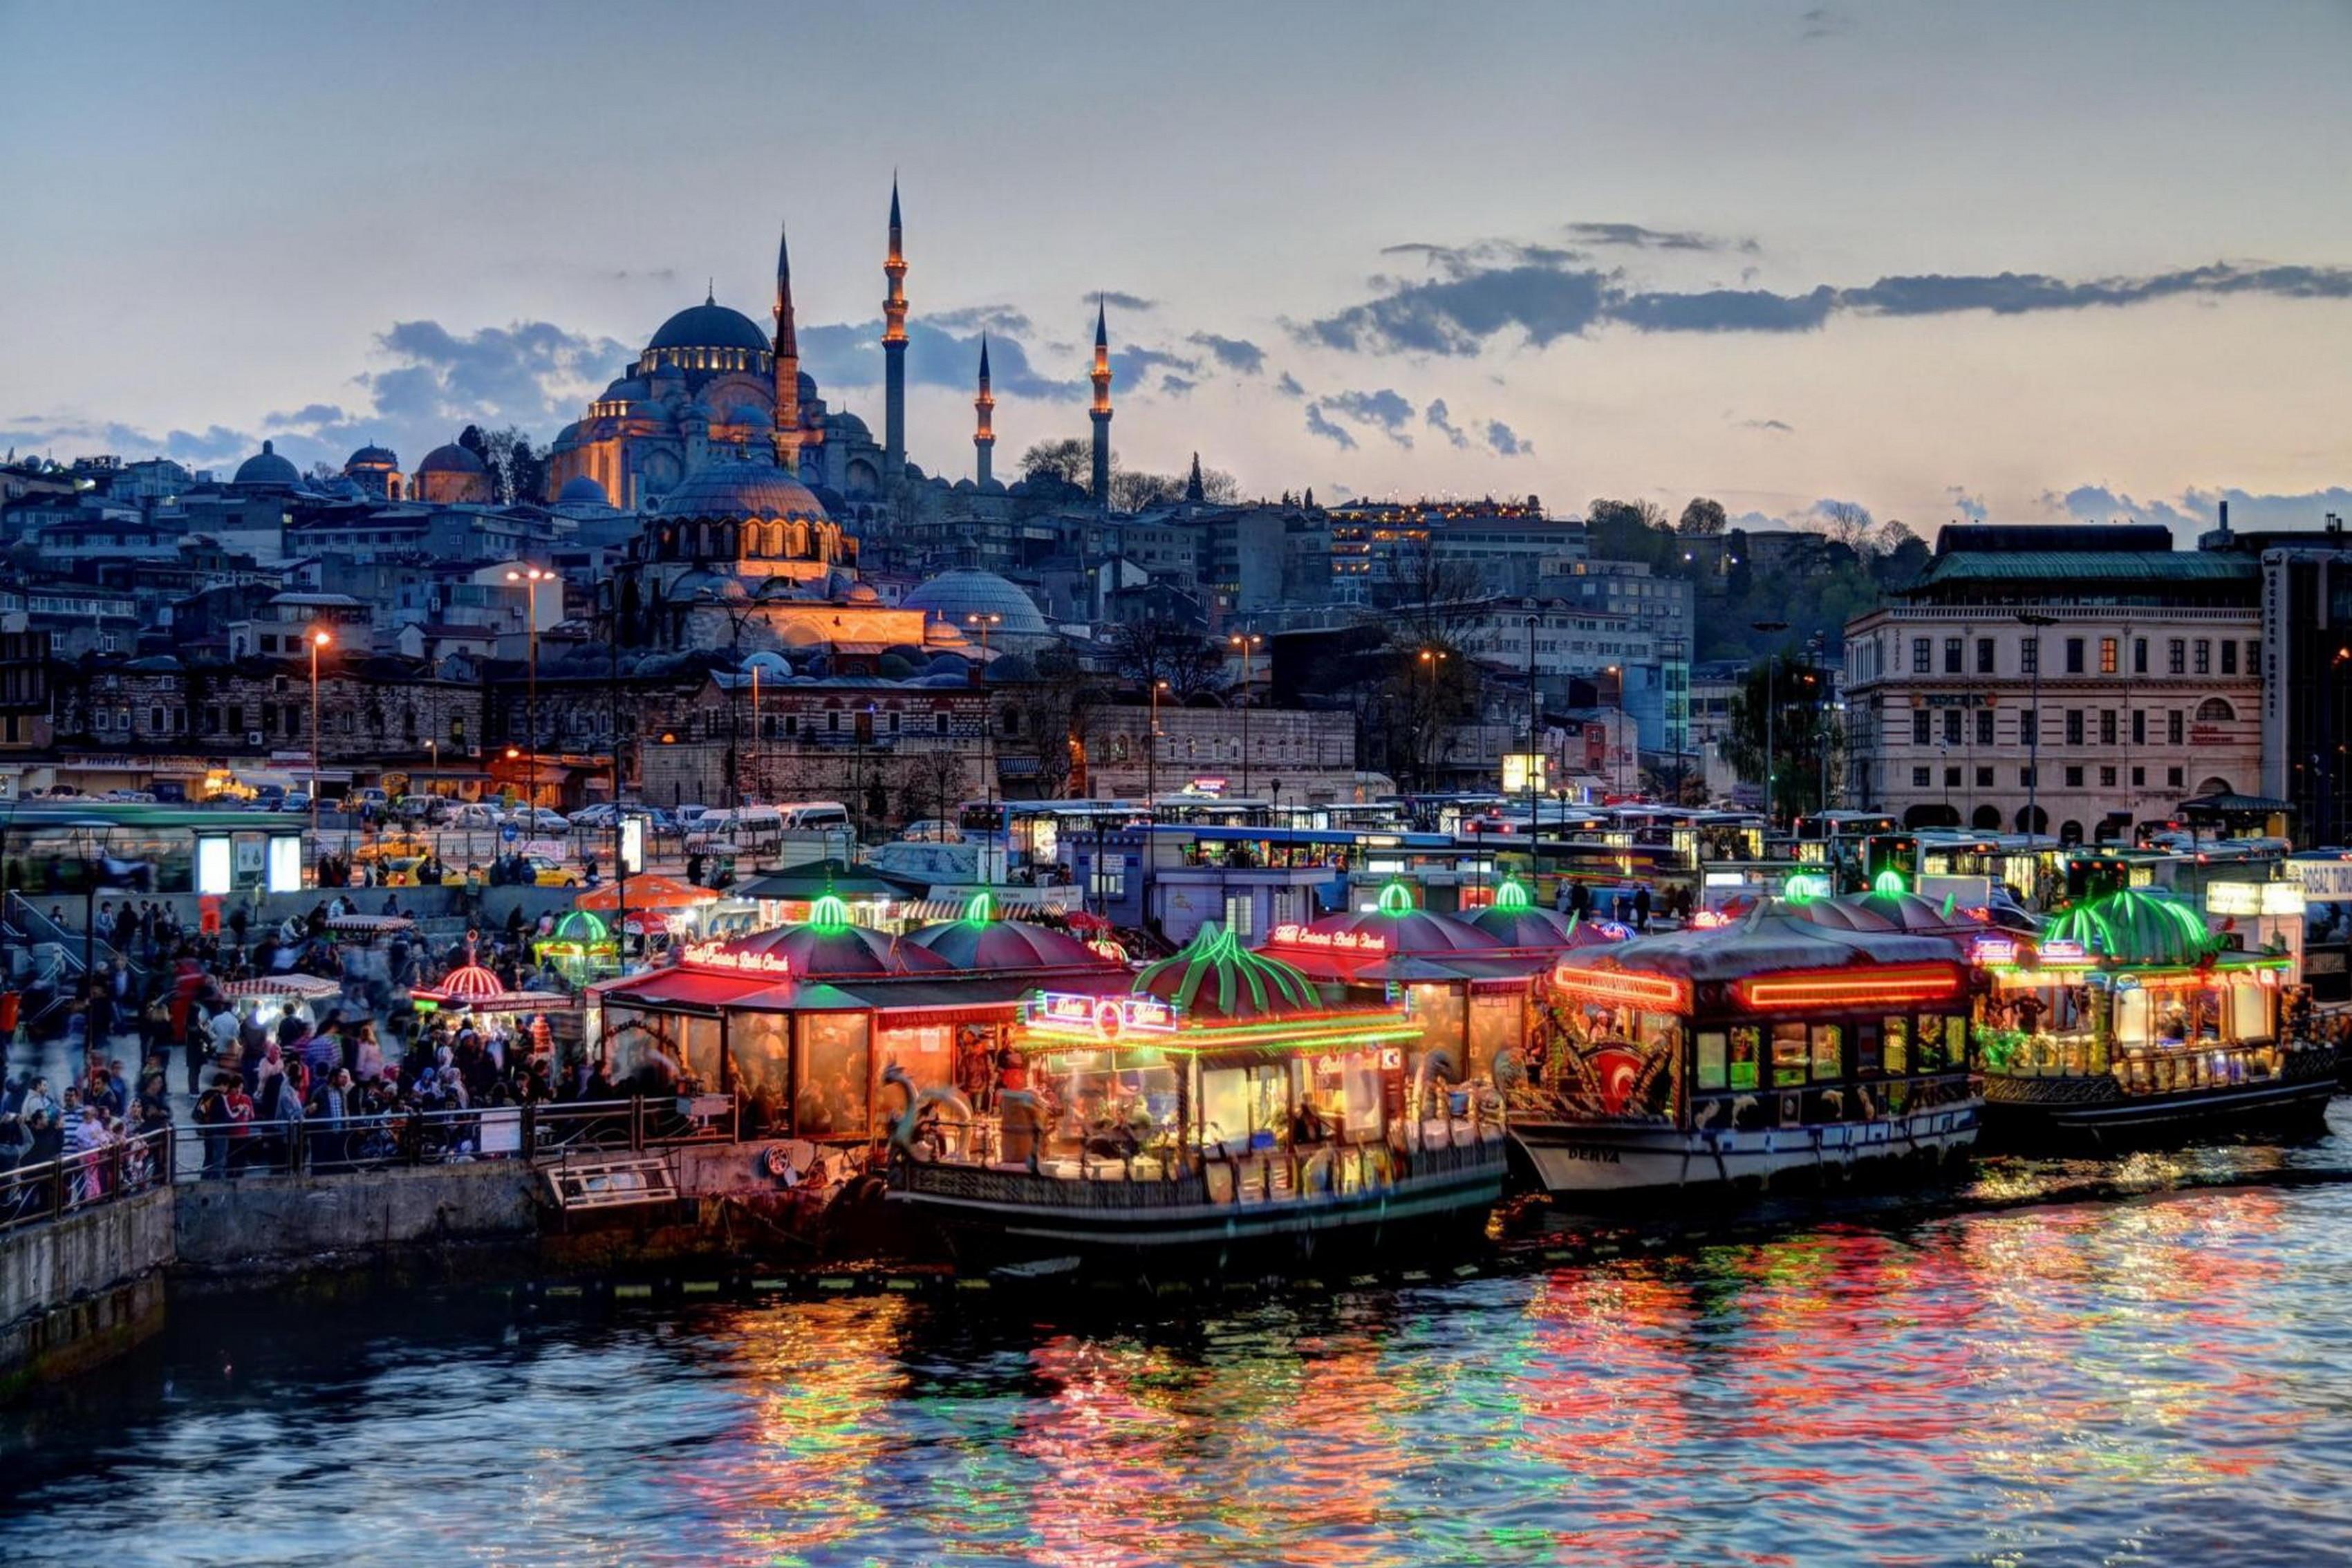 Η λίστα με τις 10 δημοφιλέστερες πόλεις του κόσμου στην ατζέντα των ταξιδιωτών!